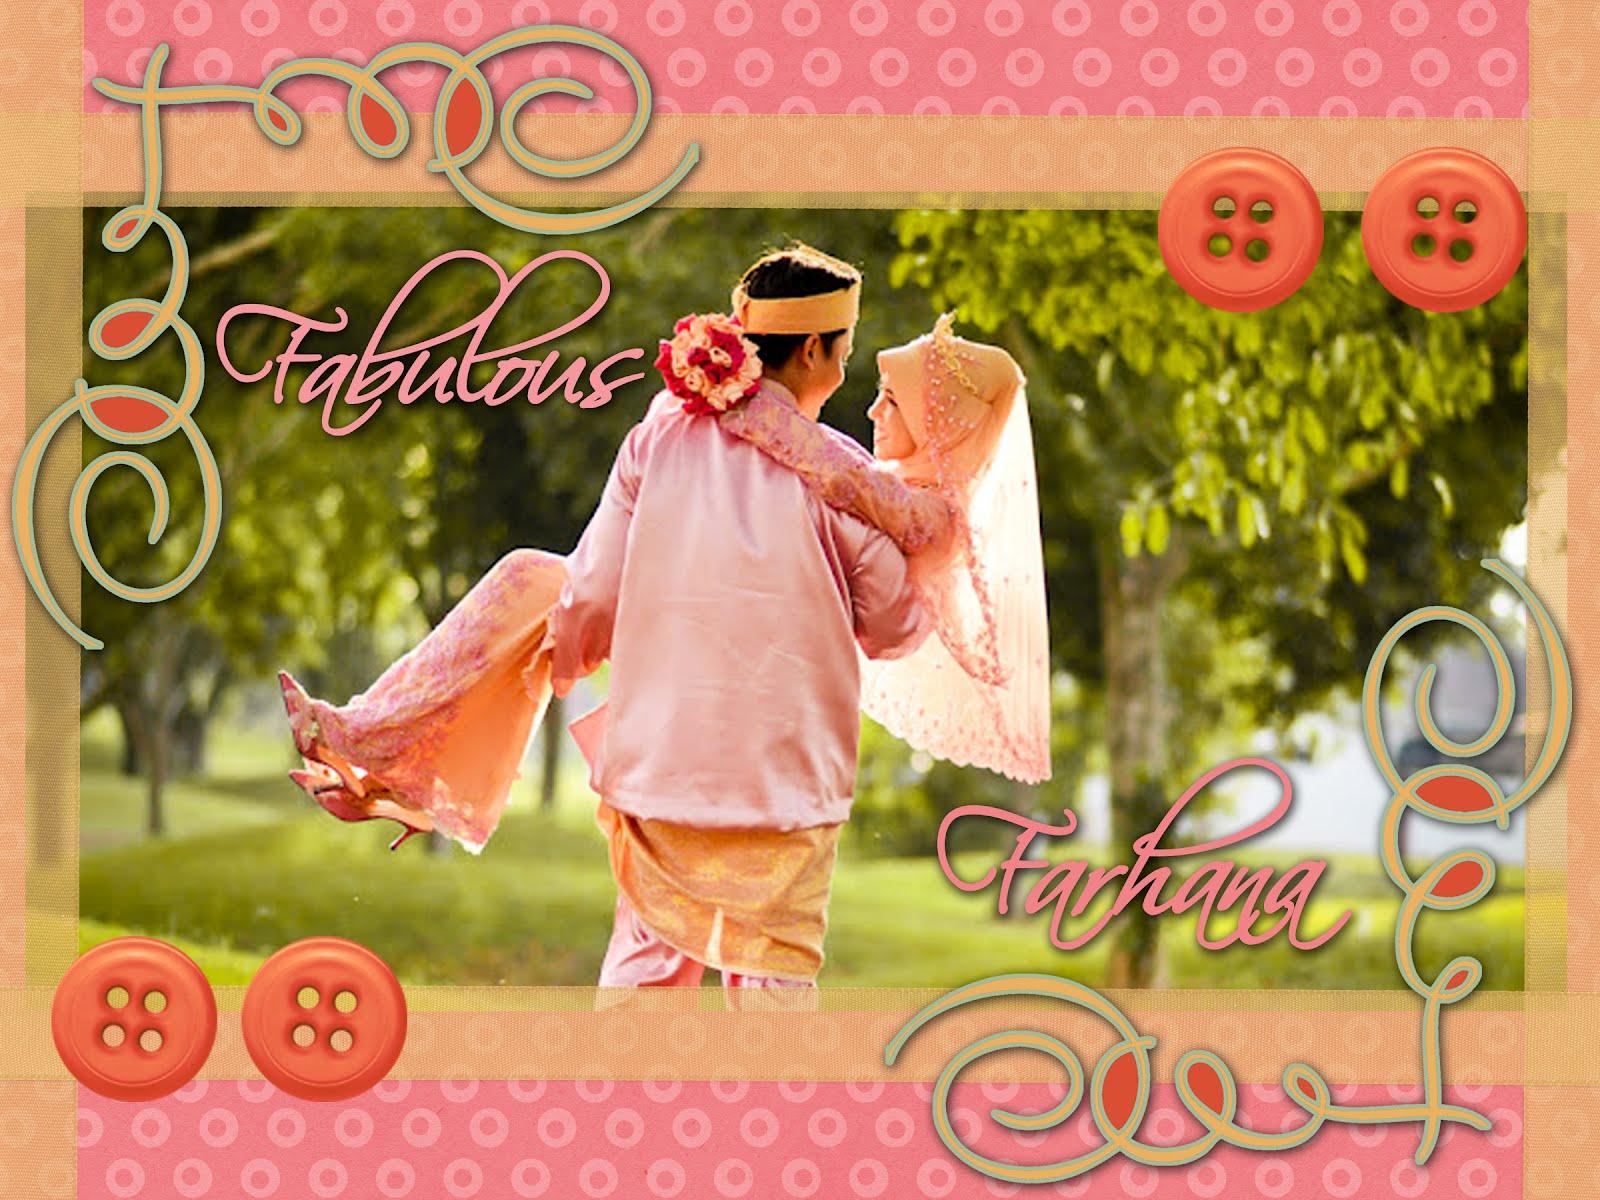 Fabulous Farhana